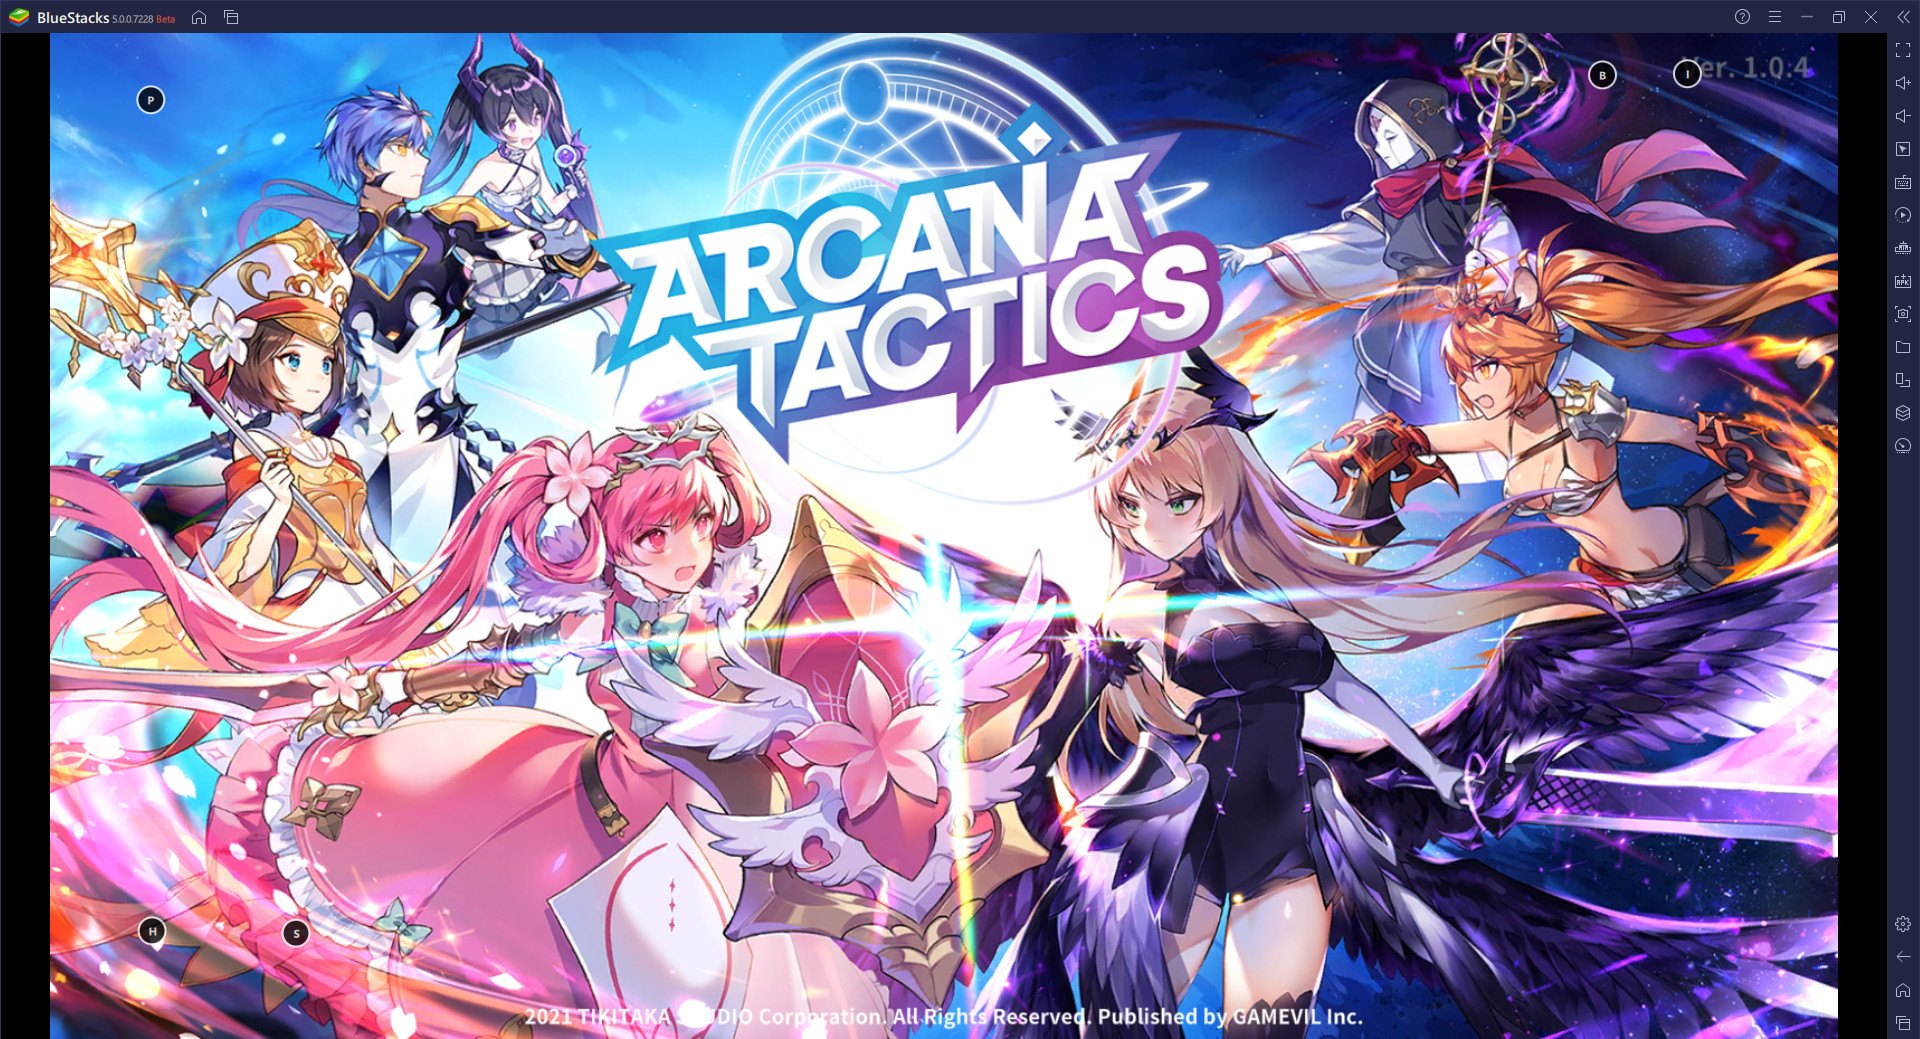 แนวทางการเล่น Arcana Tactics สำหรับผู้เล่นใหม่